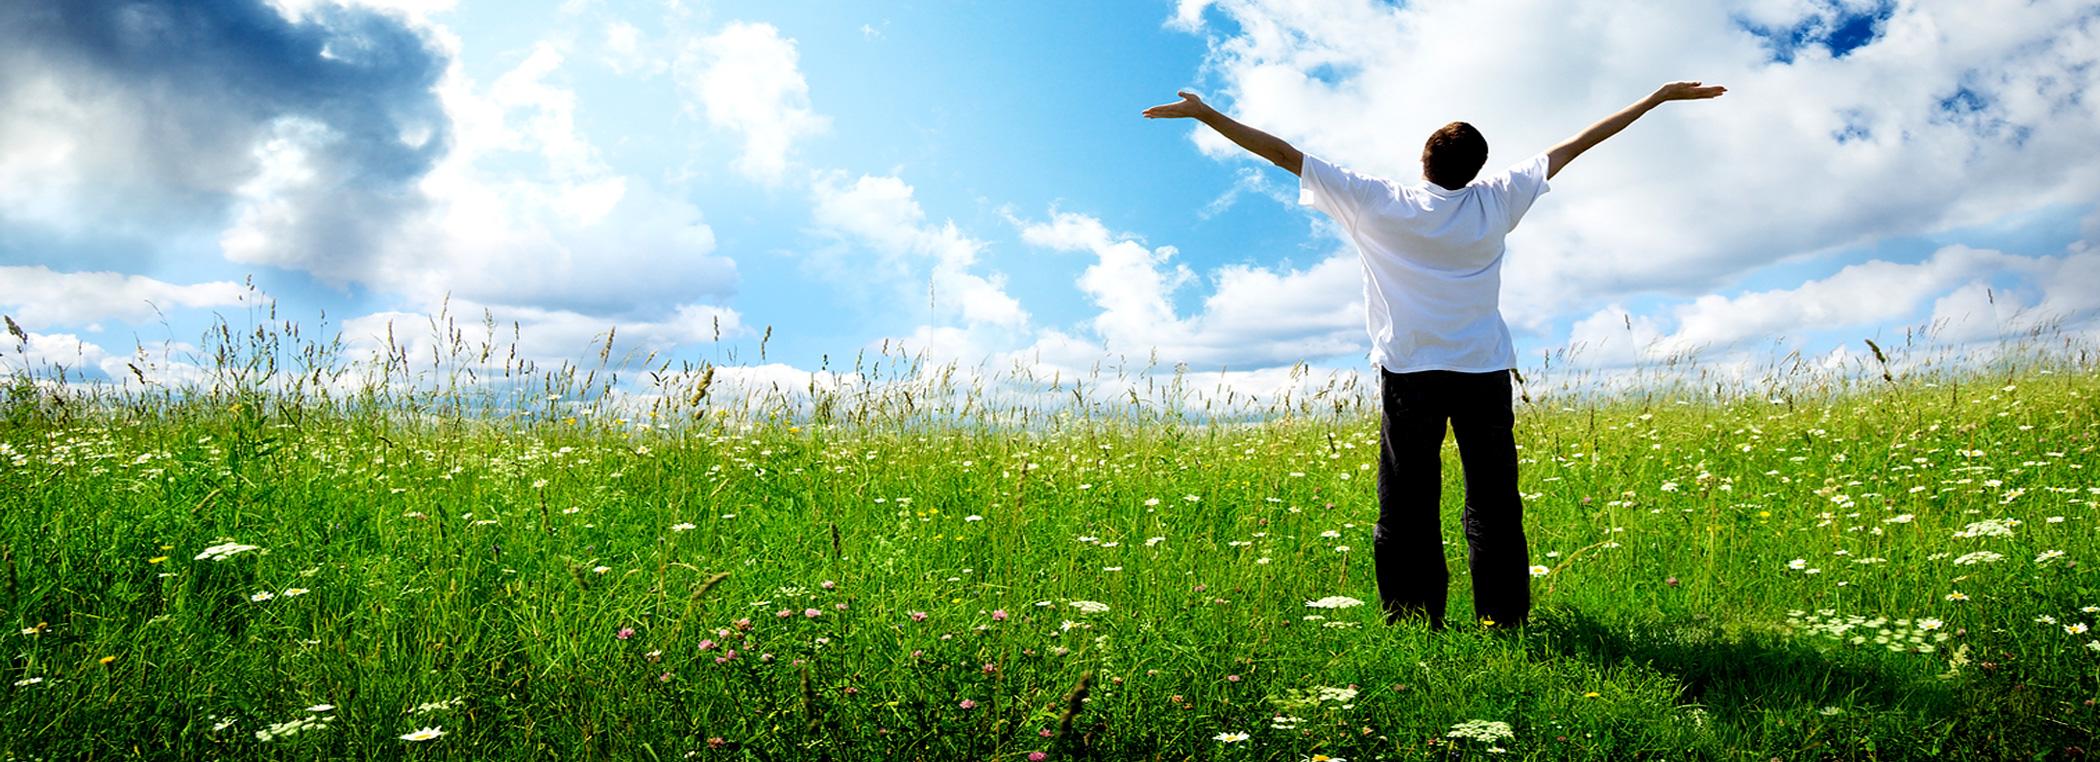 15 Consejos Para Mejorar Tu Bienestar Y Felicidad